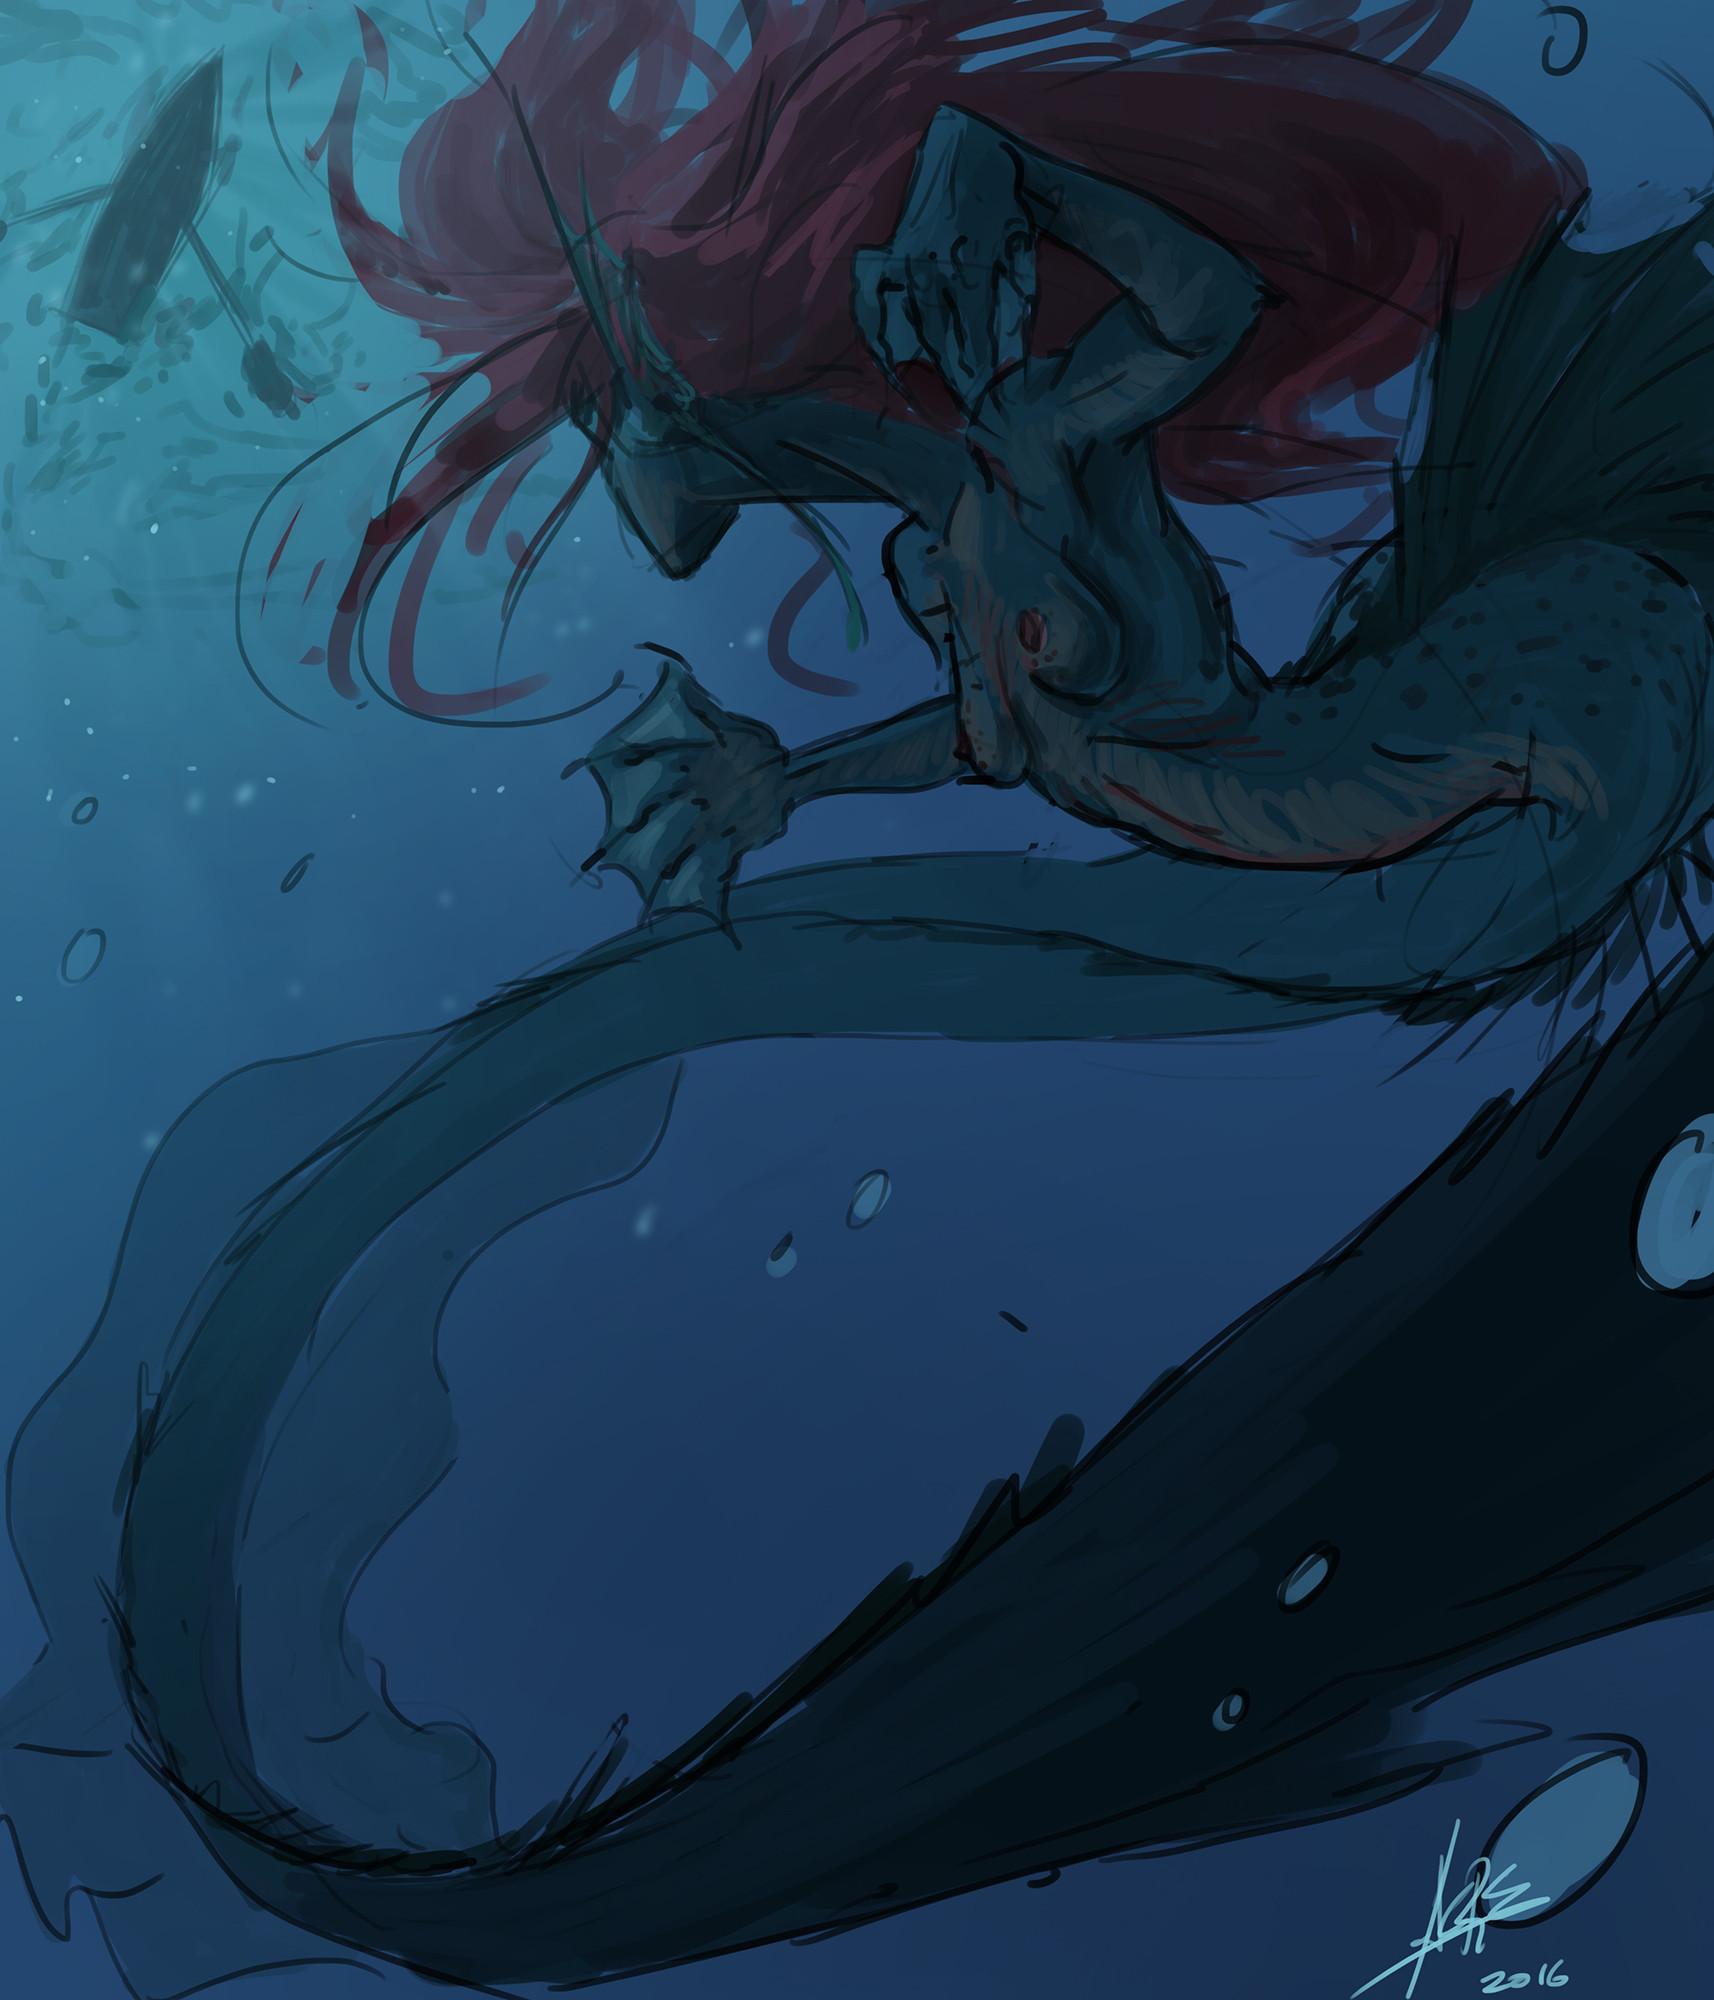 Artstation - Mermaid Concept Ariel' Anger Andr